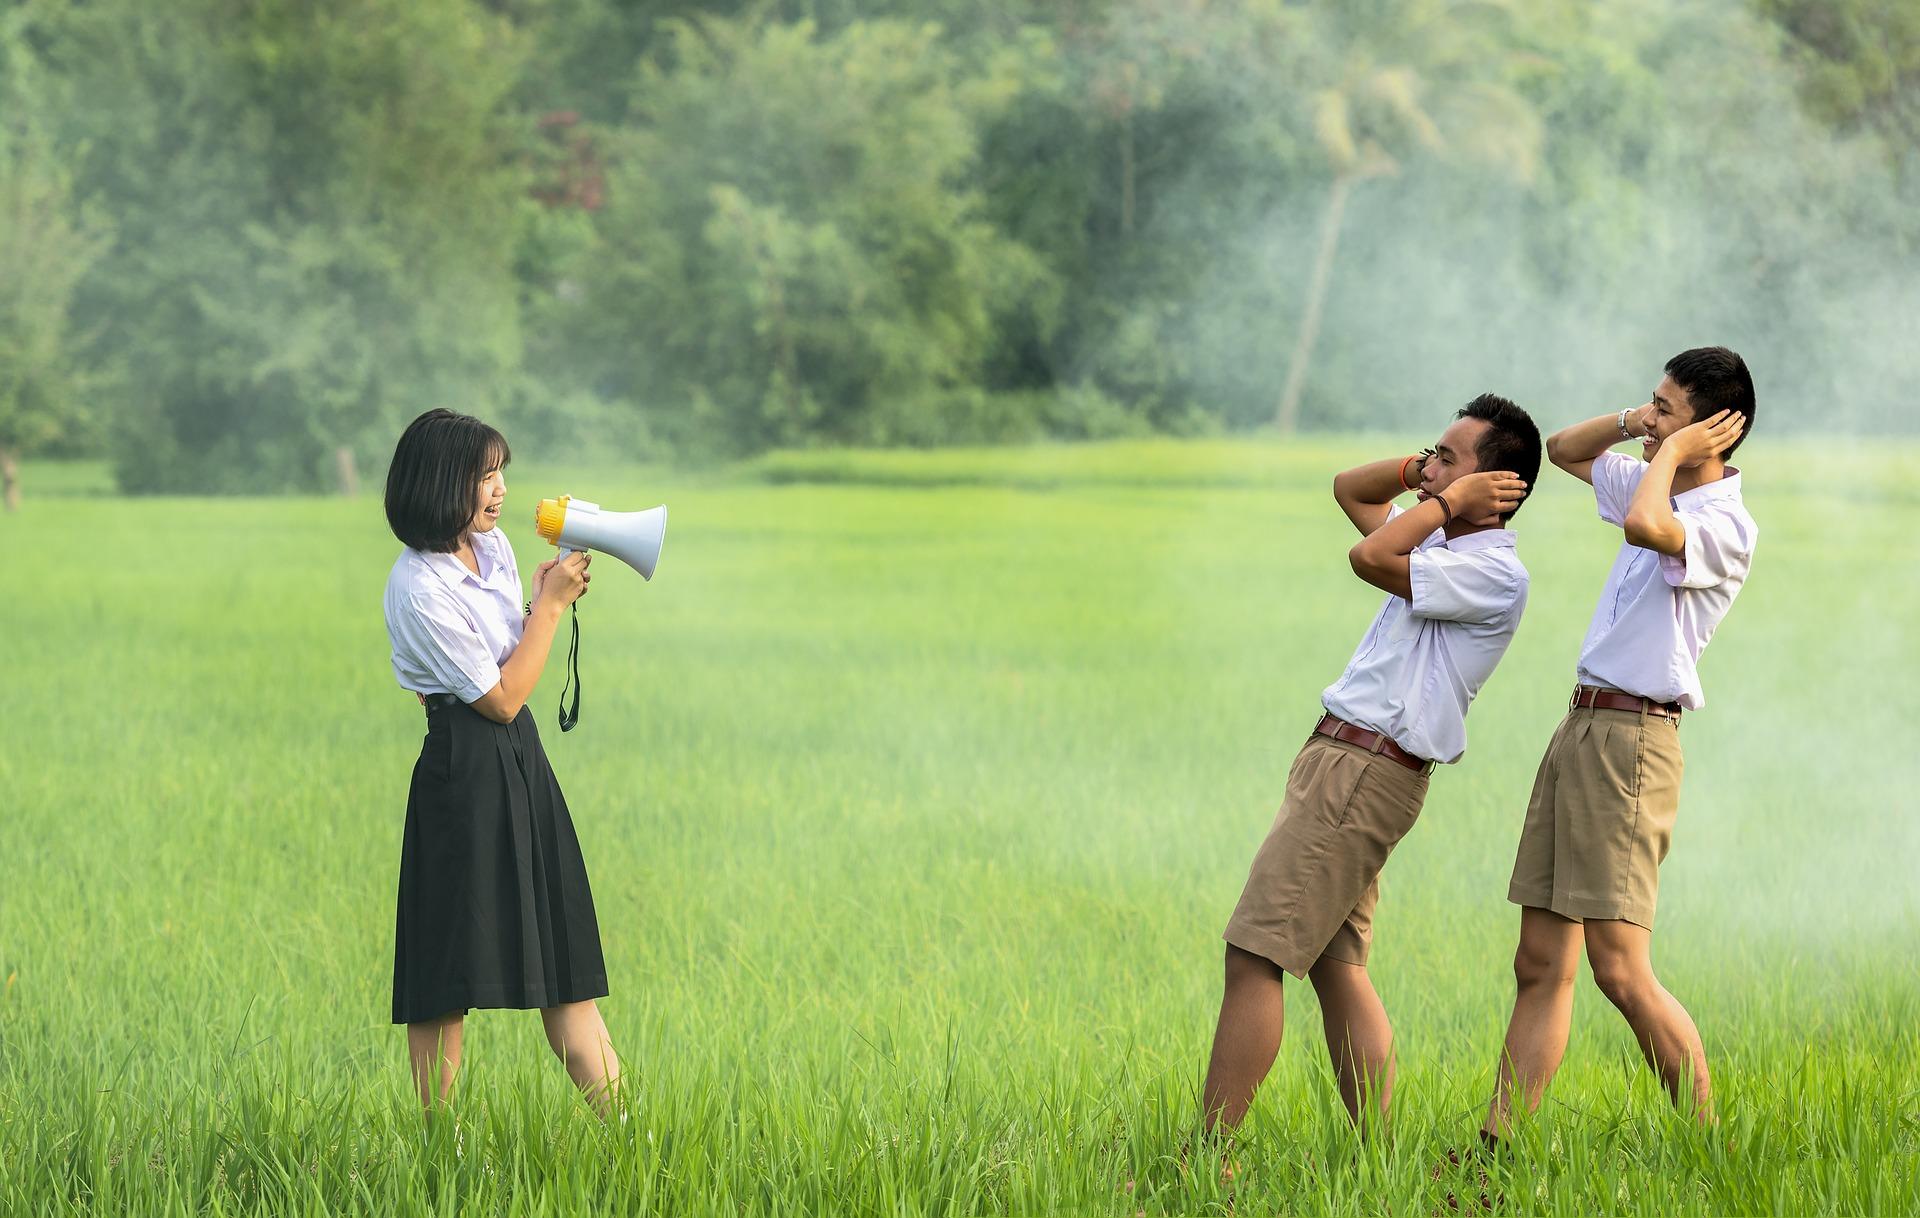 Lärmverschmutzung schwächt dein Immunsystem mit Dr. Gabriela Hoppe | Erfolg durch Ernährung | Ernährungsspezialistin & Heilpraktikerin - Hintergrundbild by Pixabay